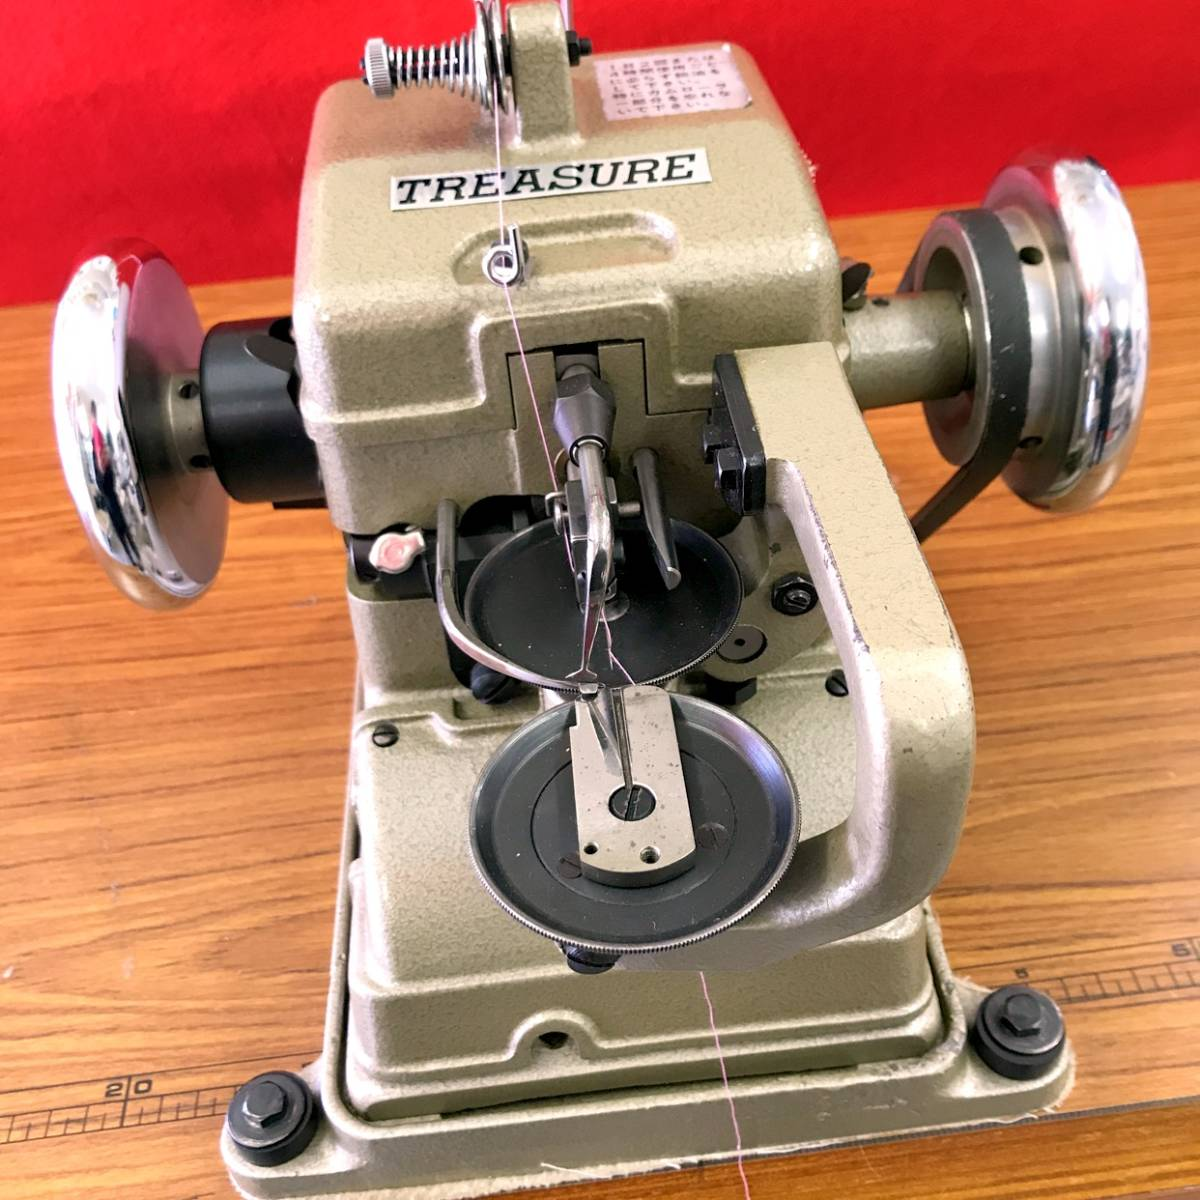 【直接引取りのみ】TREASURE  カップシーマ FS-960 毛皮・皮革・革